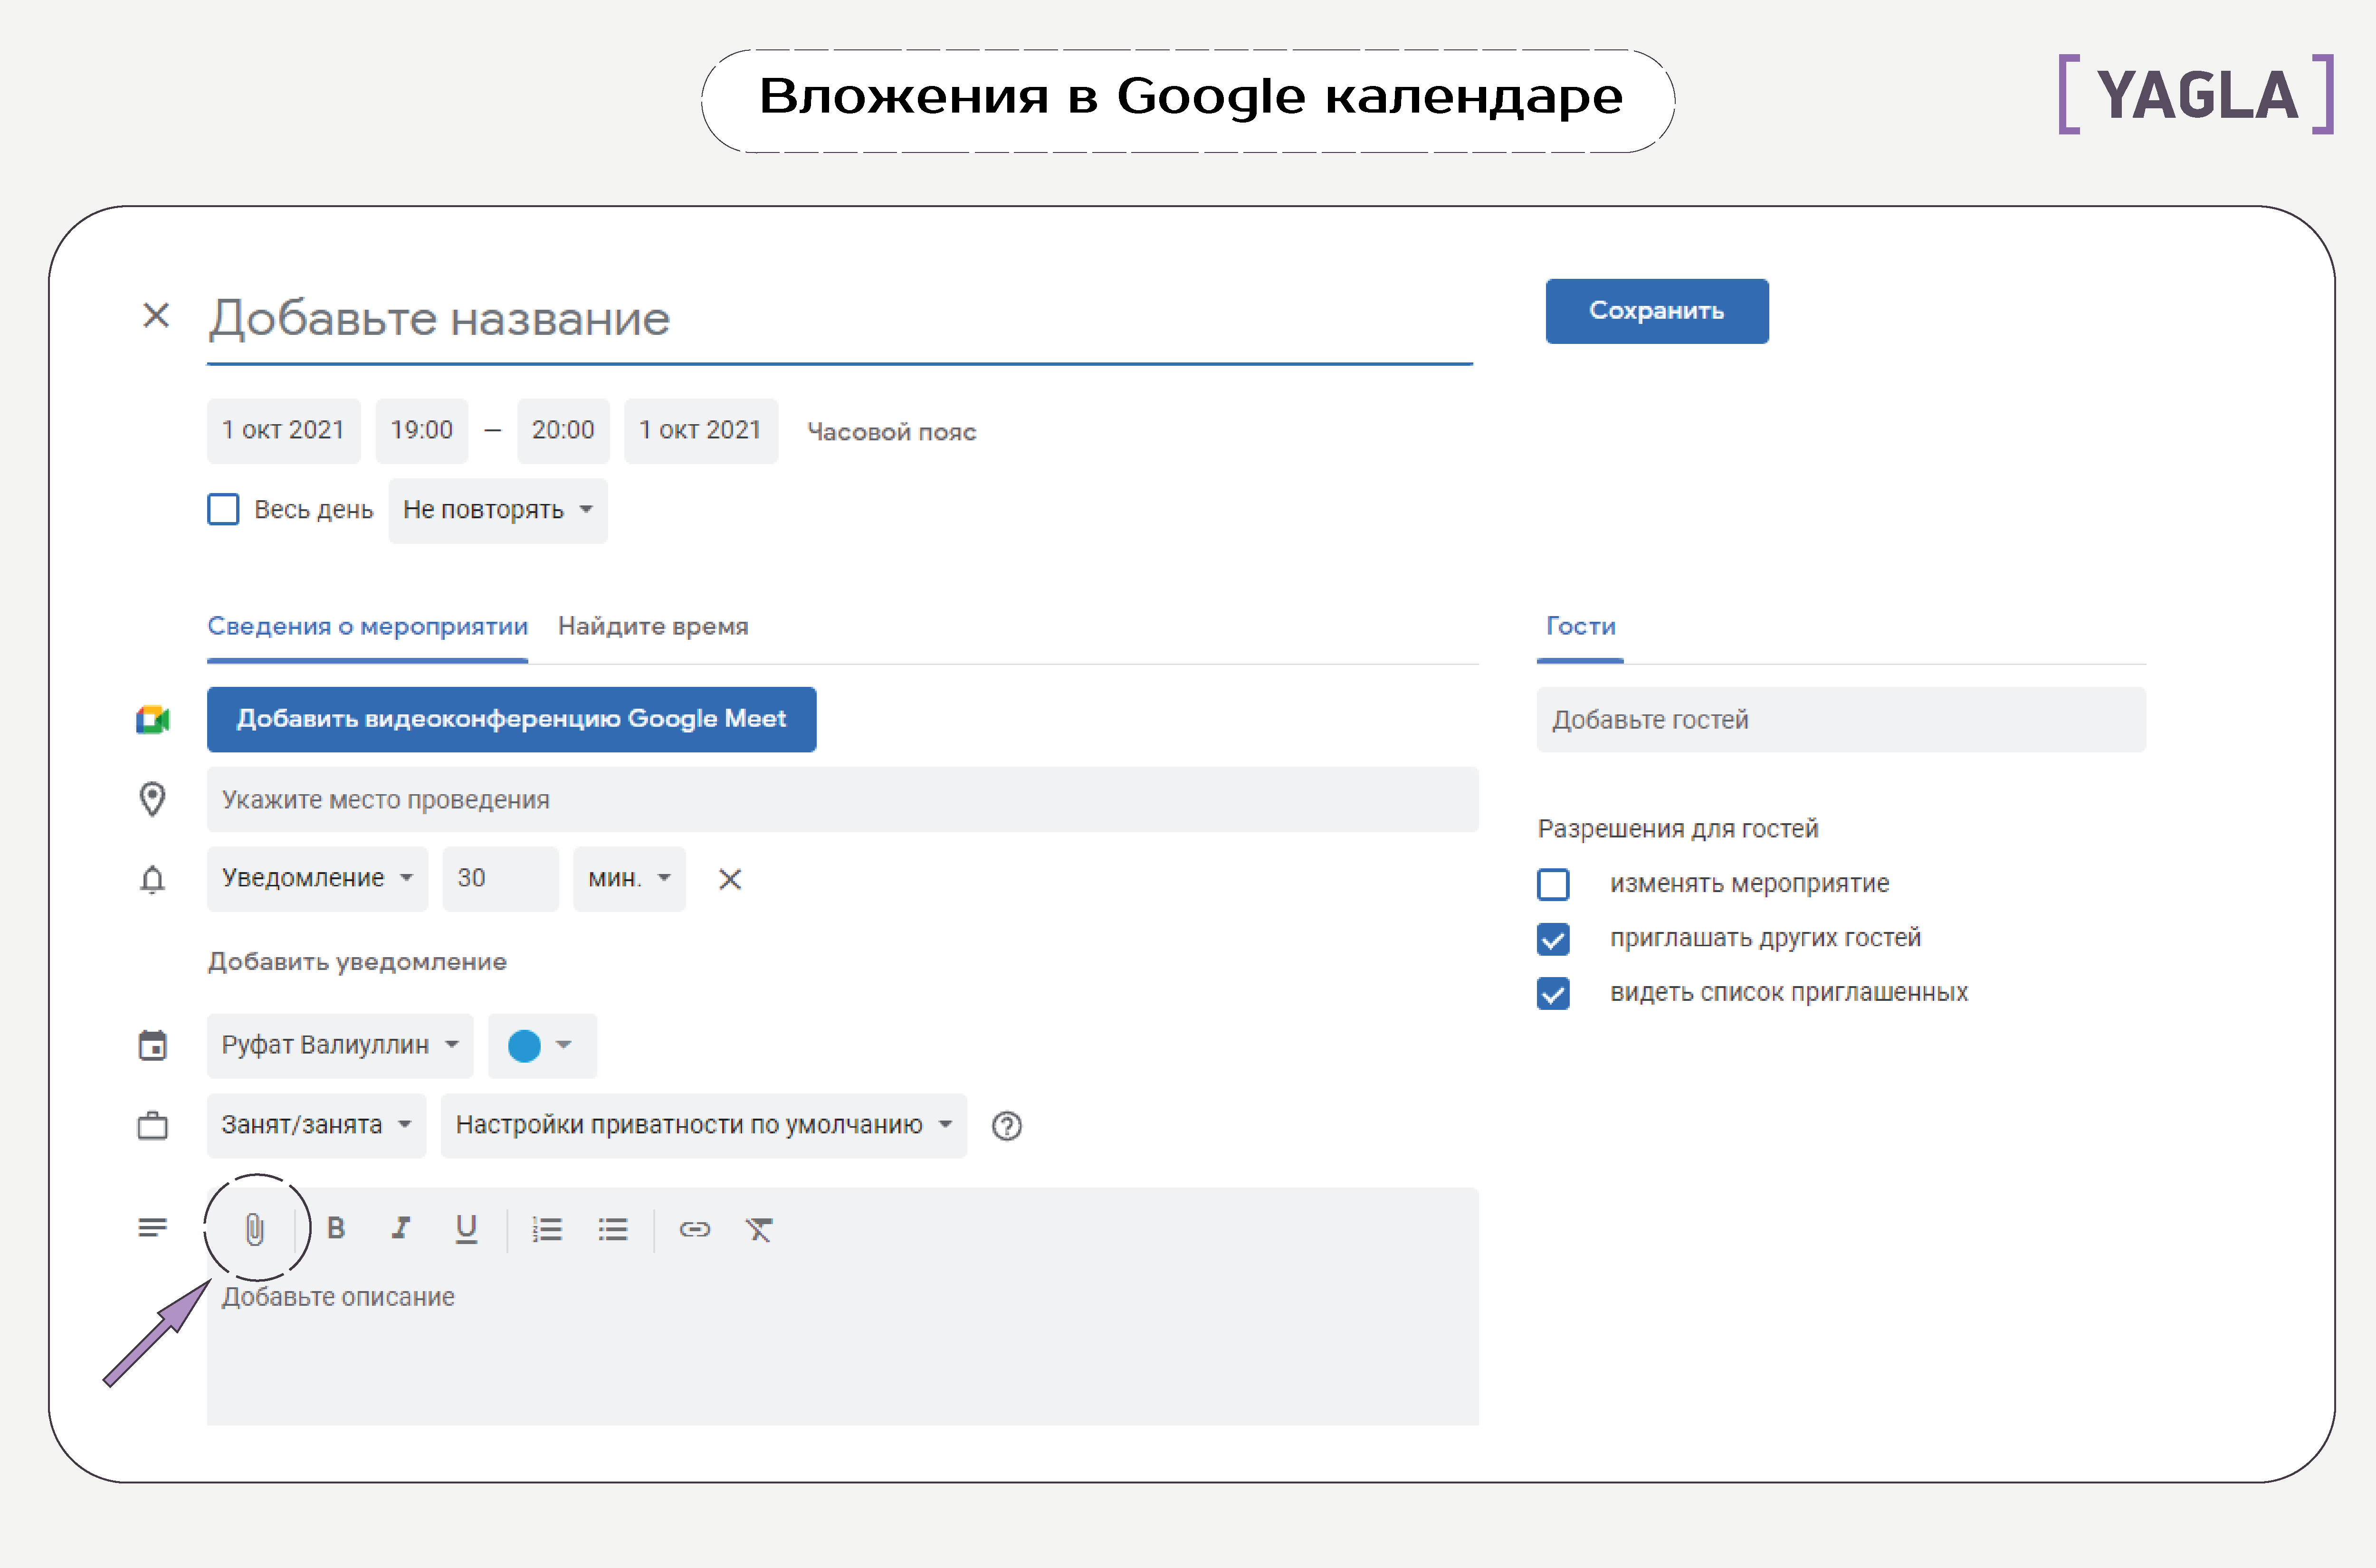 Вложения в Google календаре